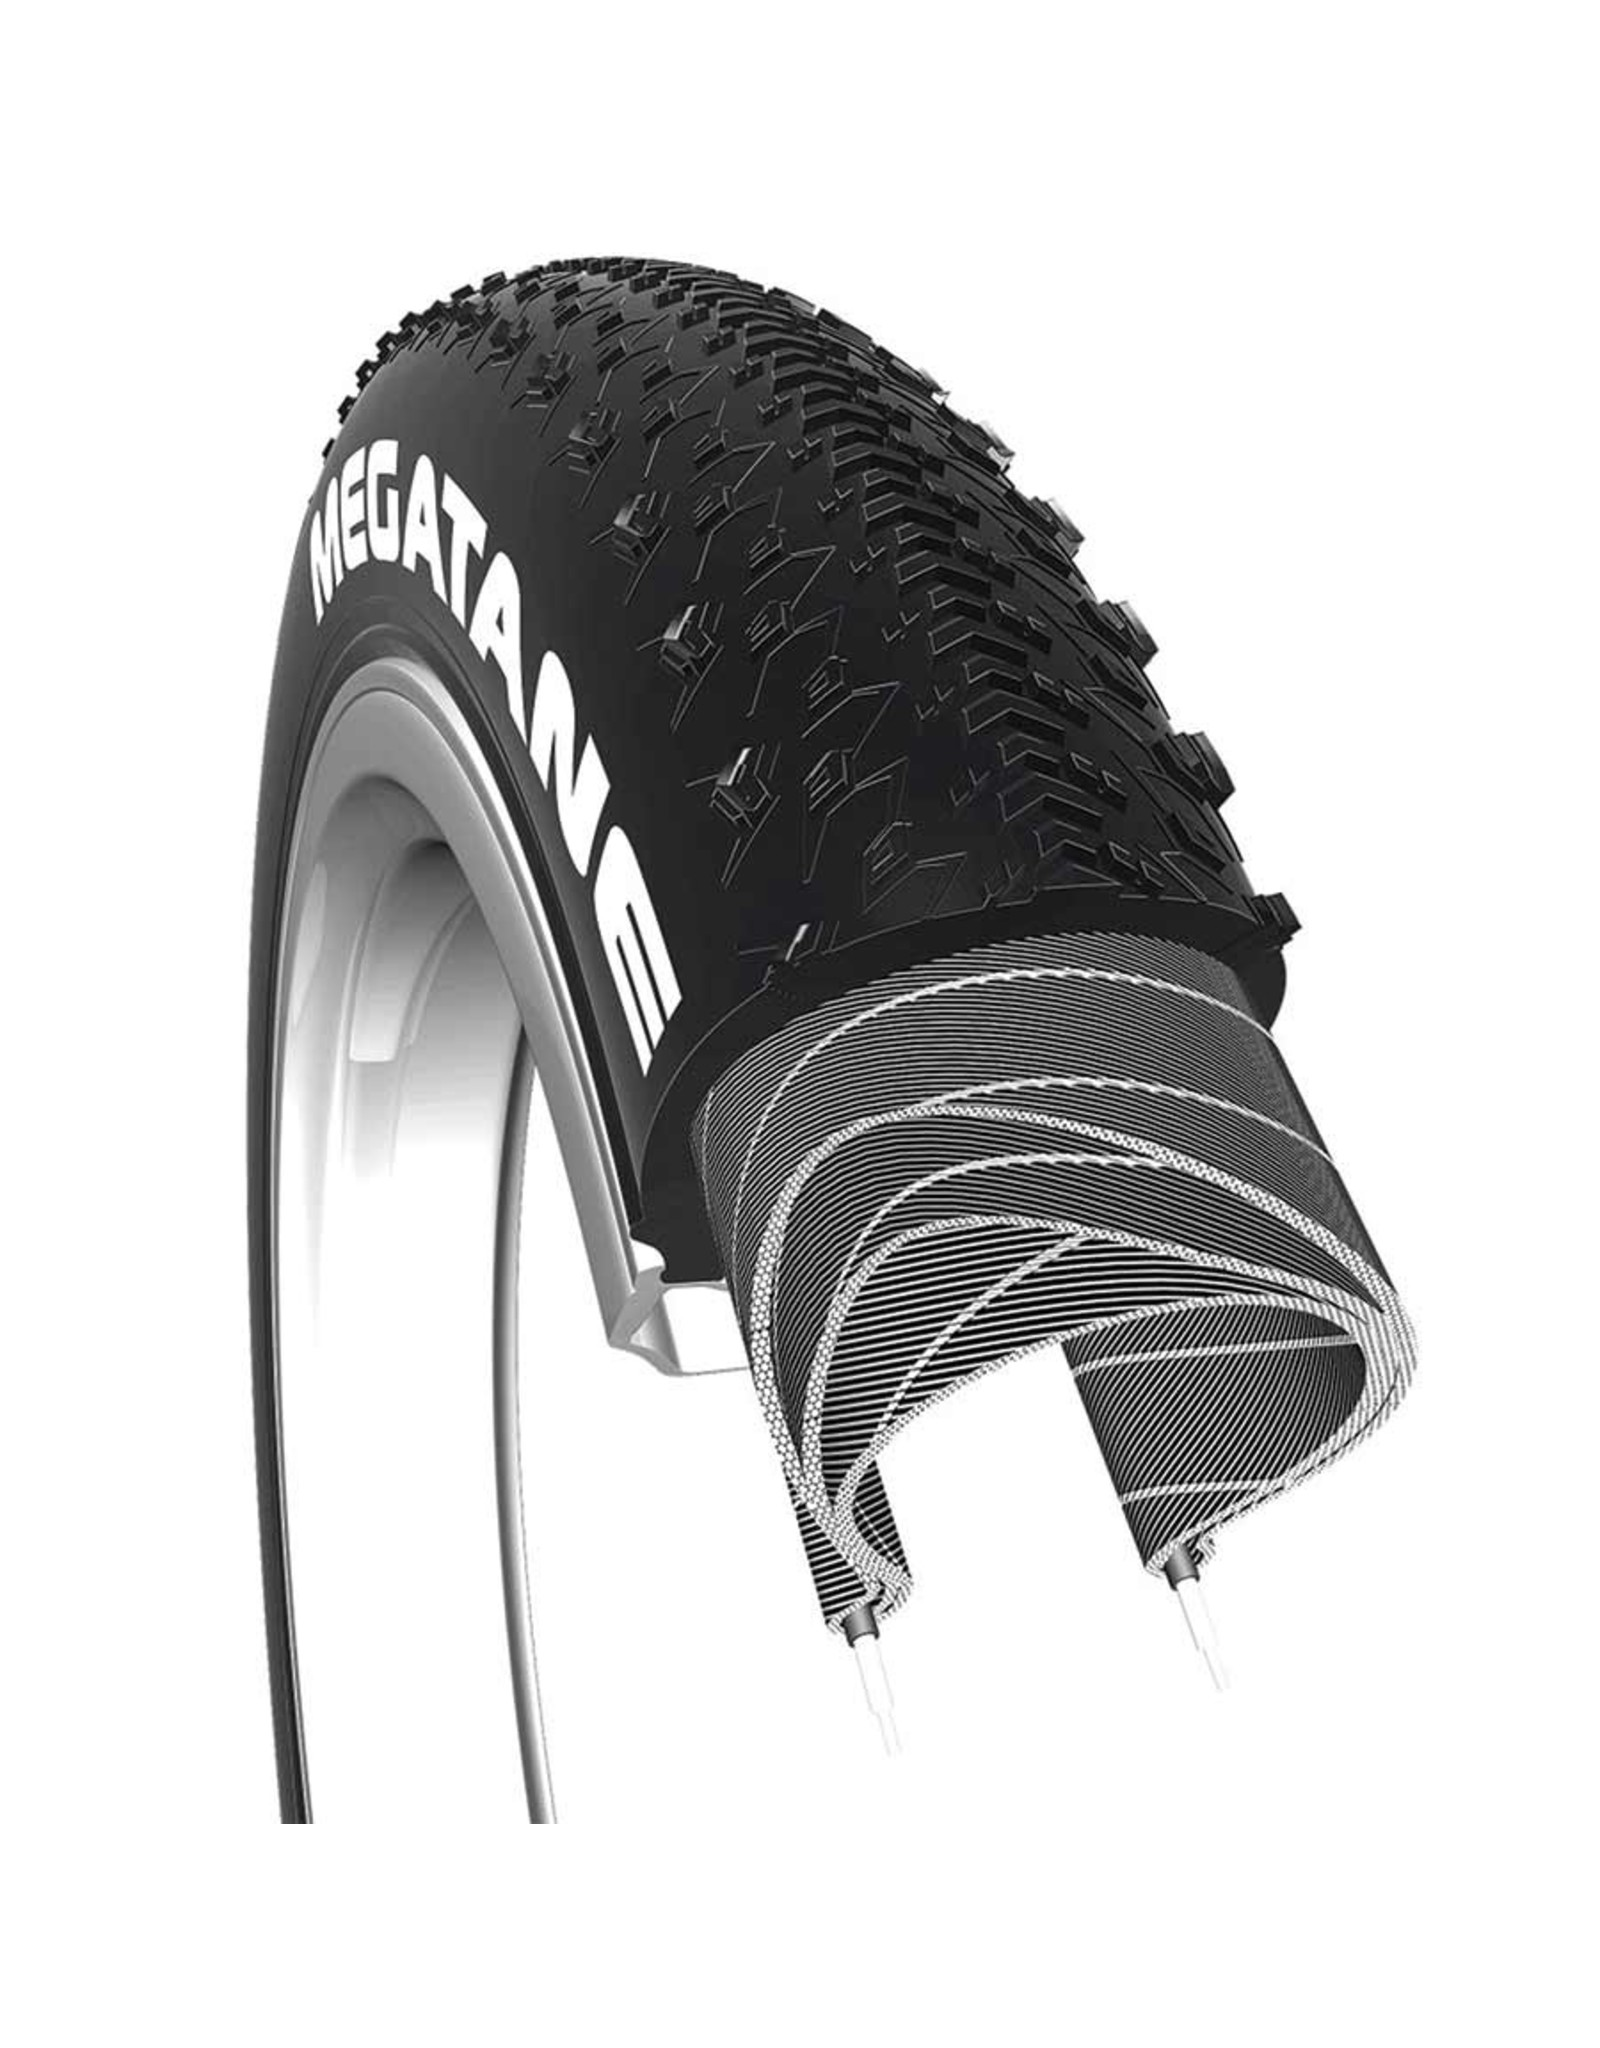 CST CST, Megatane, Tire, 26''x4.00, Wire, Clincher, Single, 60TPI, Black